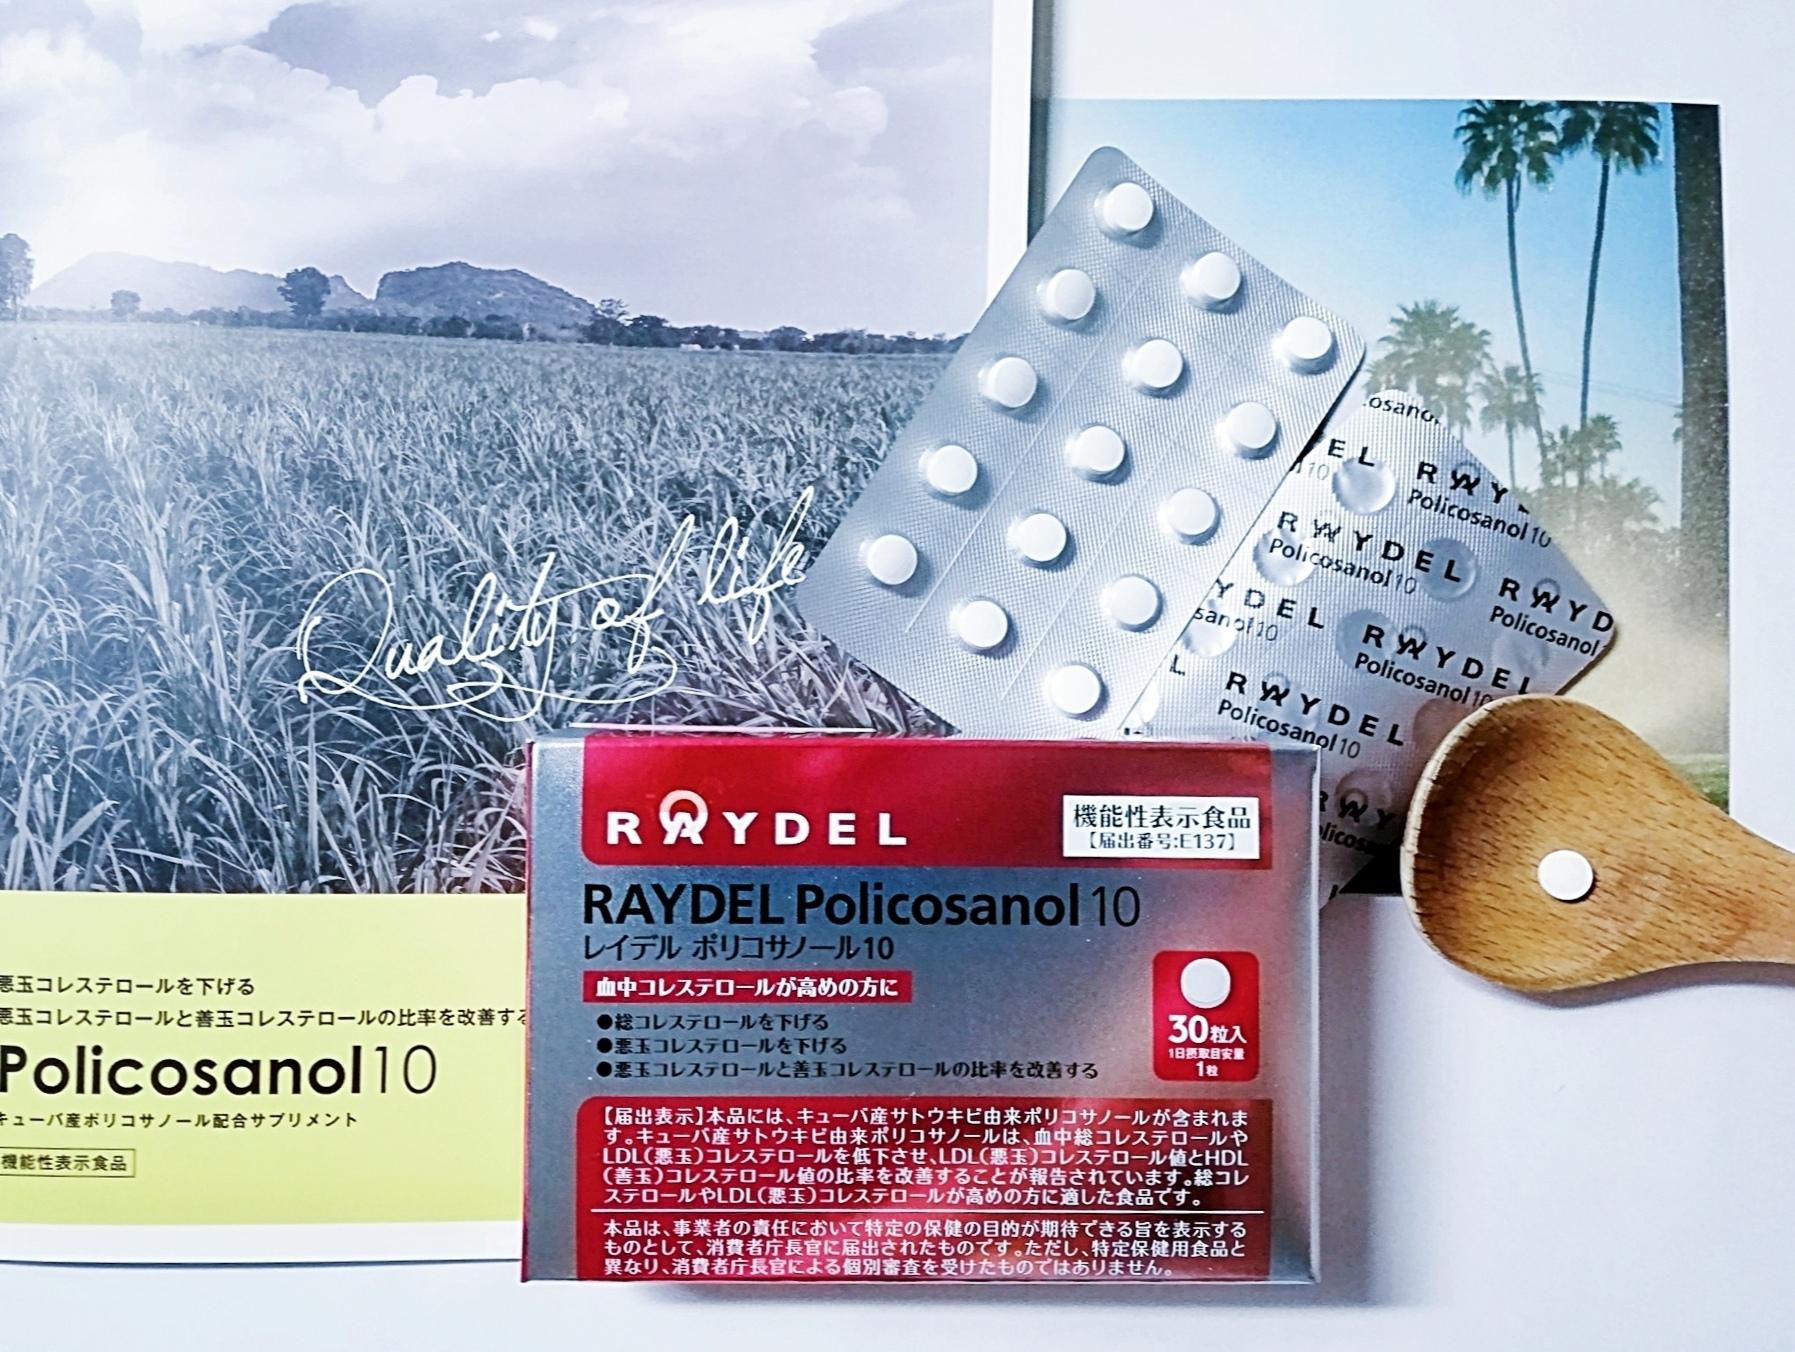 血管健康リスクに備える画期的コレステロール対策サプリメント【レイデルポリコサノール10】がもたらす驚きの変化